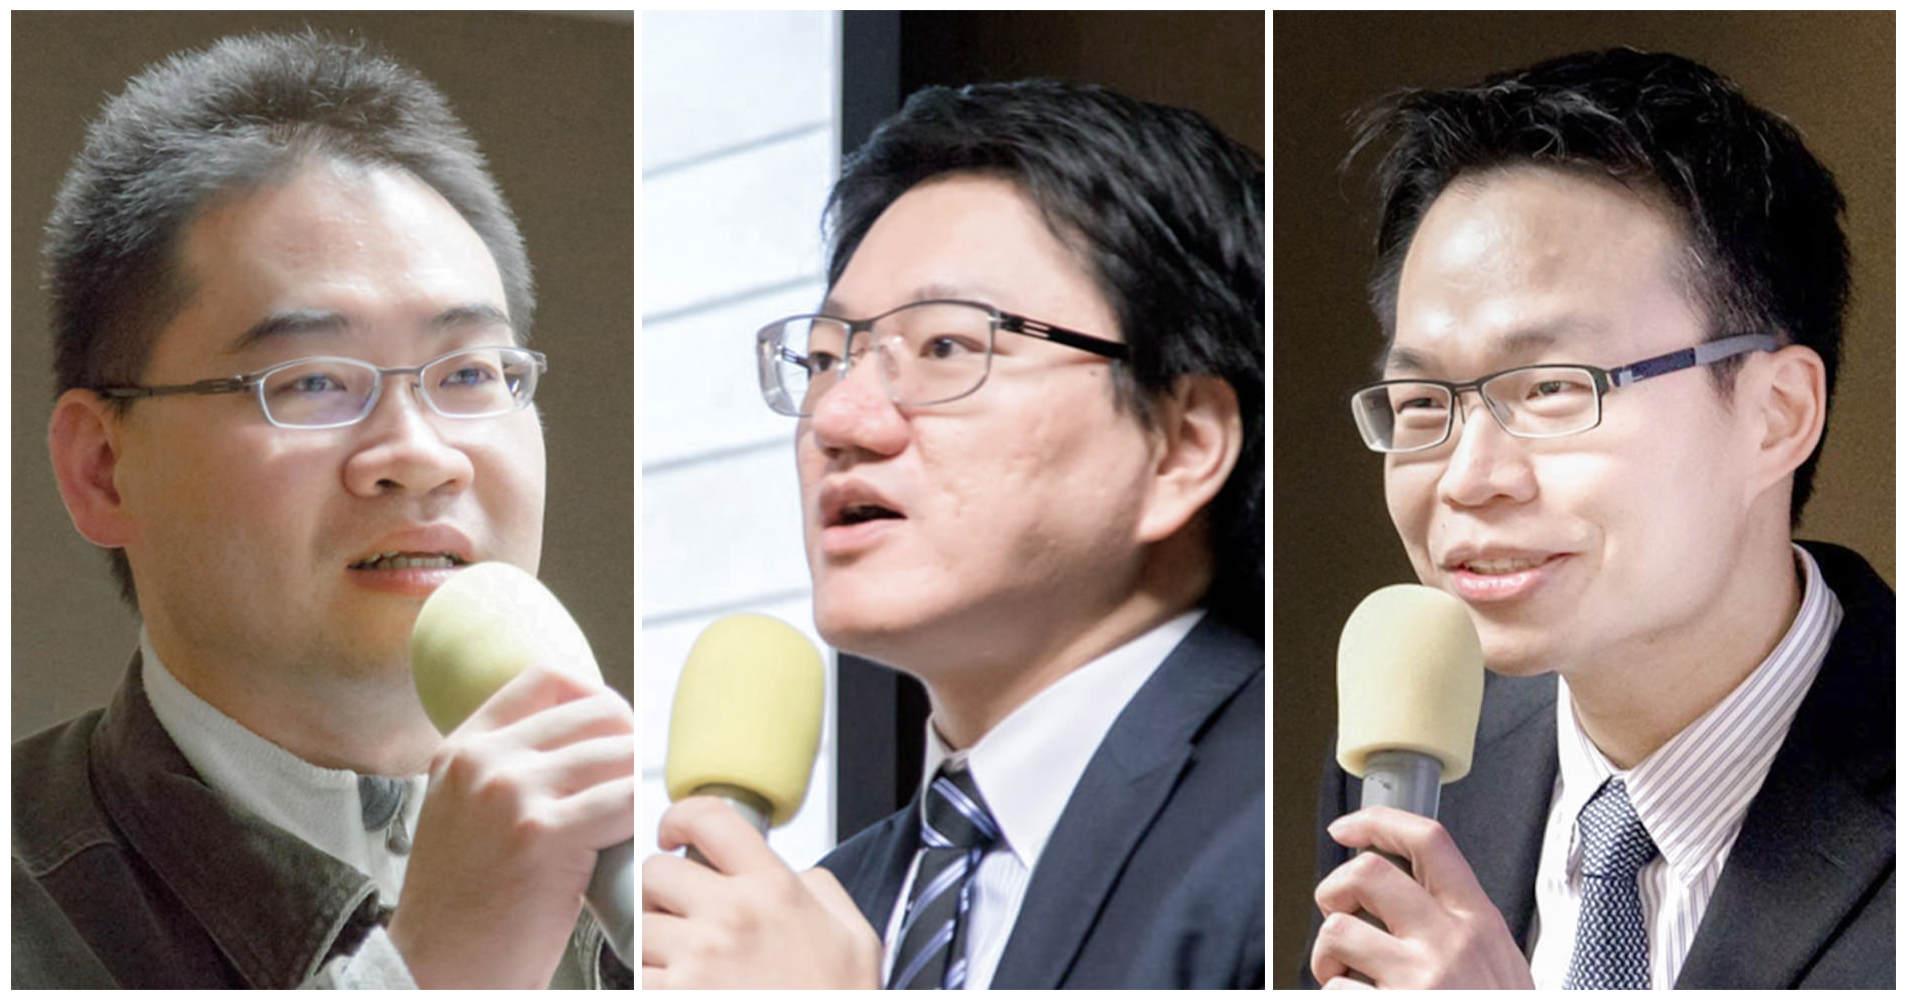 吳青陽醫師 / 蔡依橙醫師 / 吳昭慶醫師